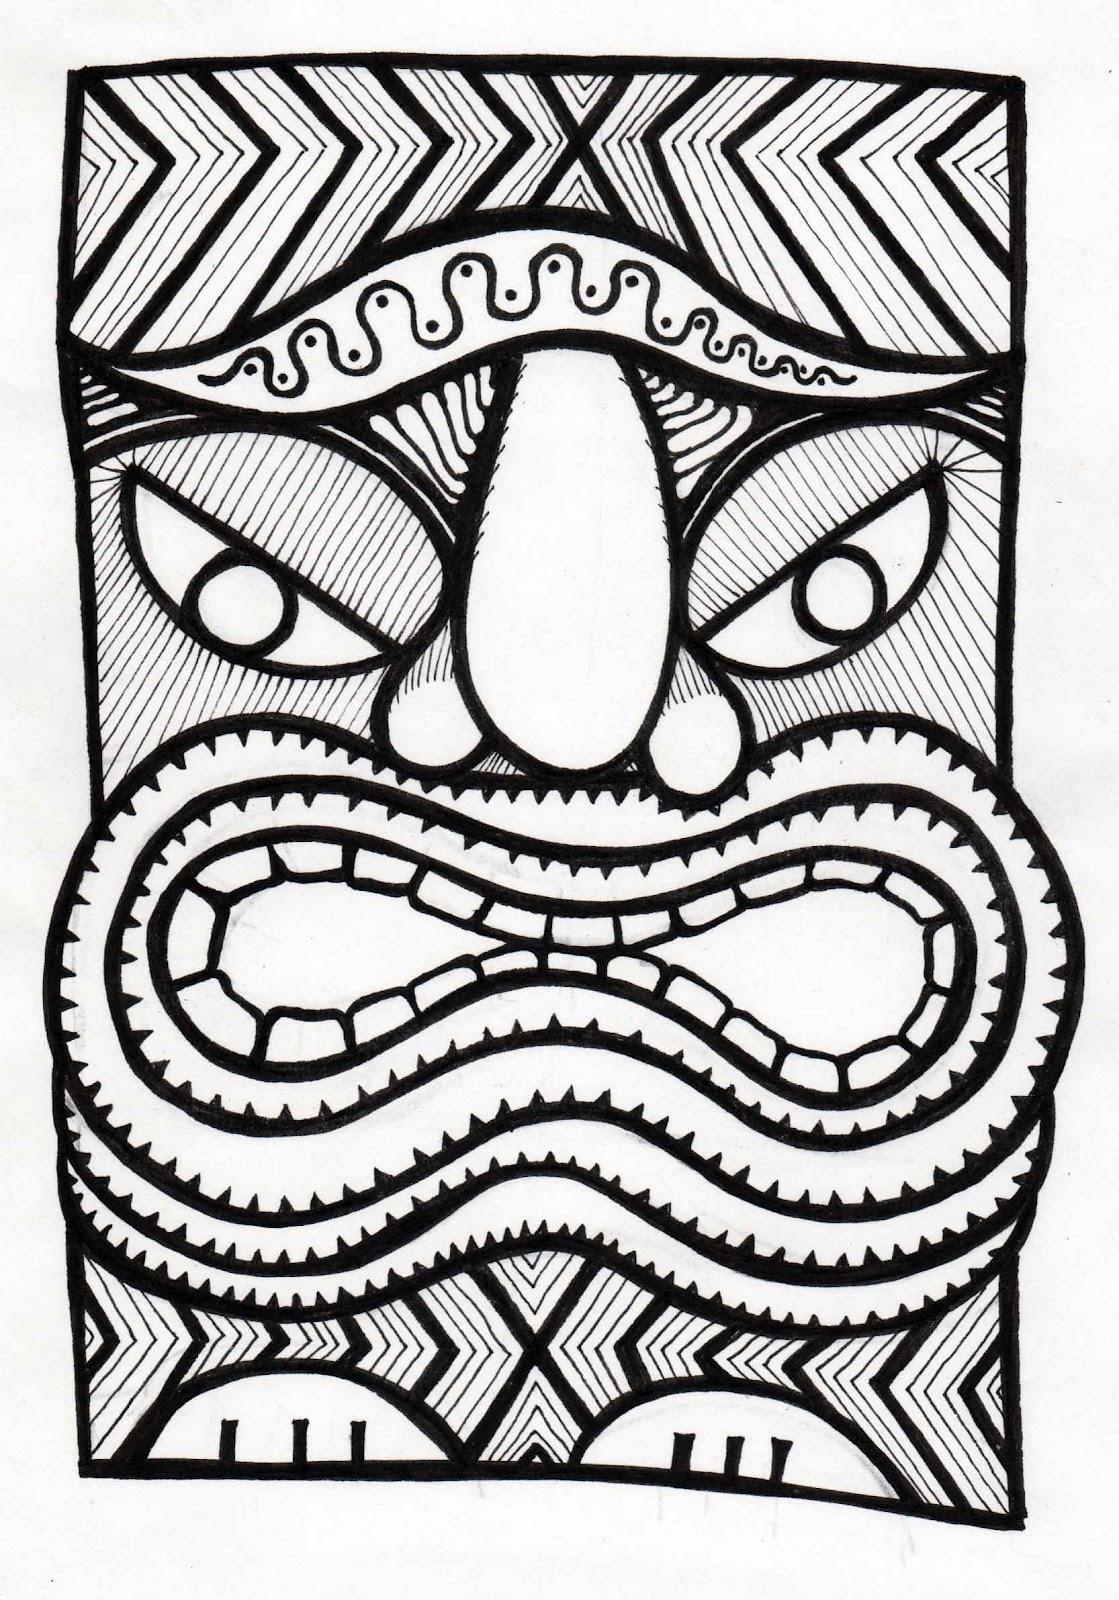 Stitchlily: How to draw a Tiki Head!